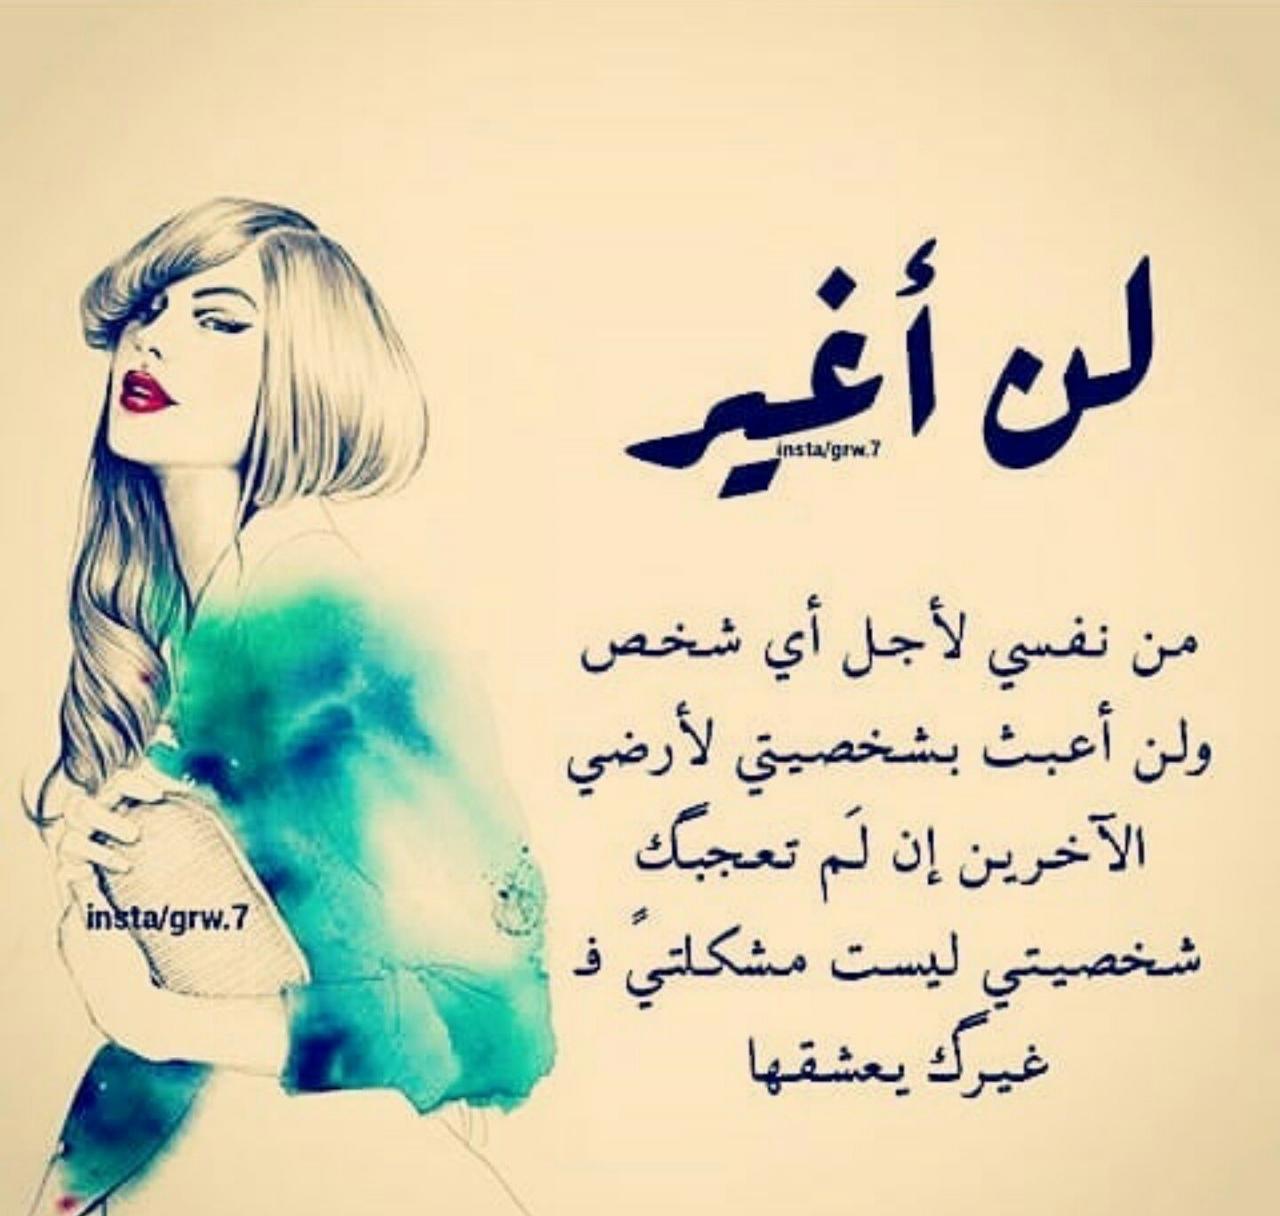 صورة كلام جميل عن نفسي , المدح باحلى كلام عن نفسى 5675 2